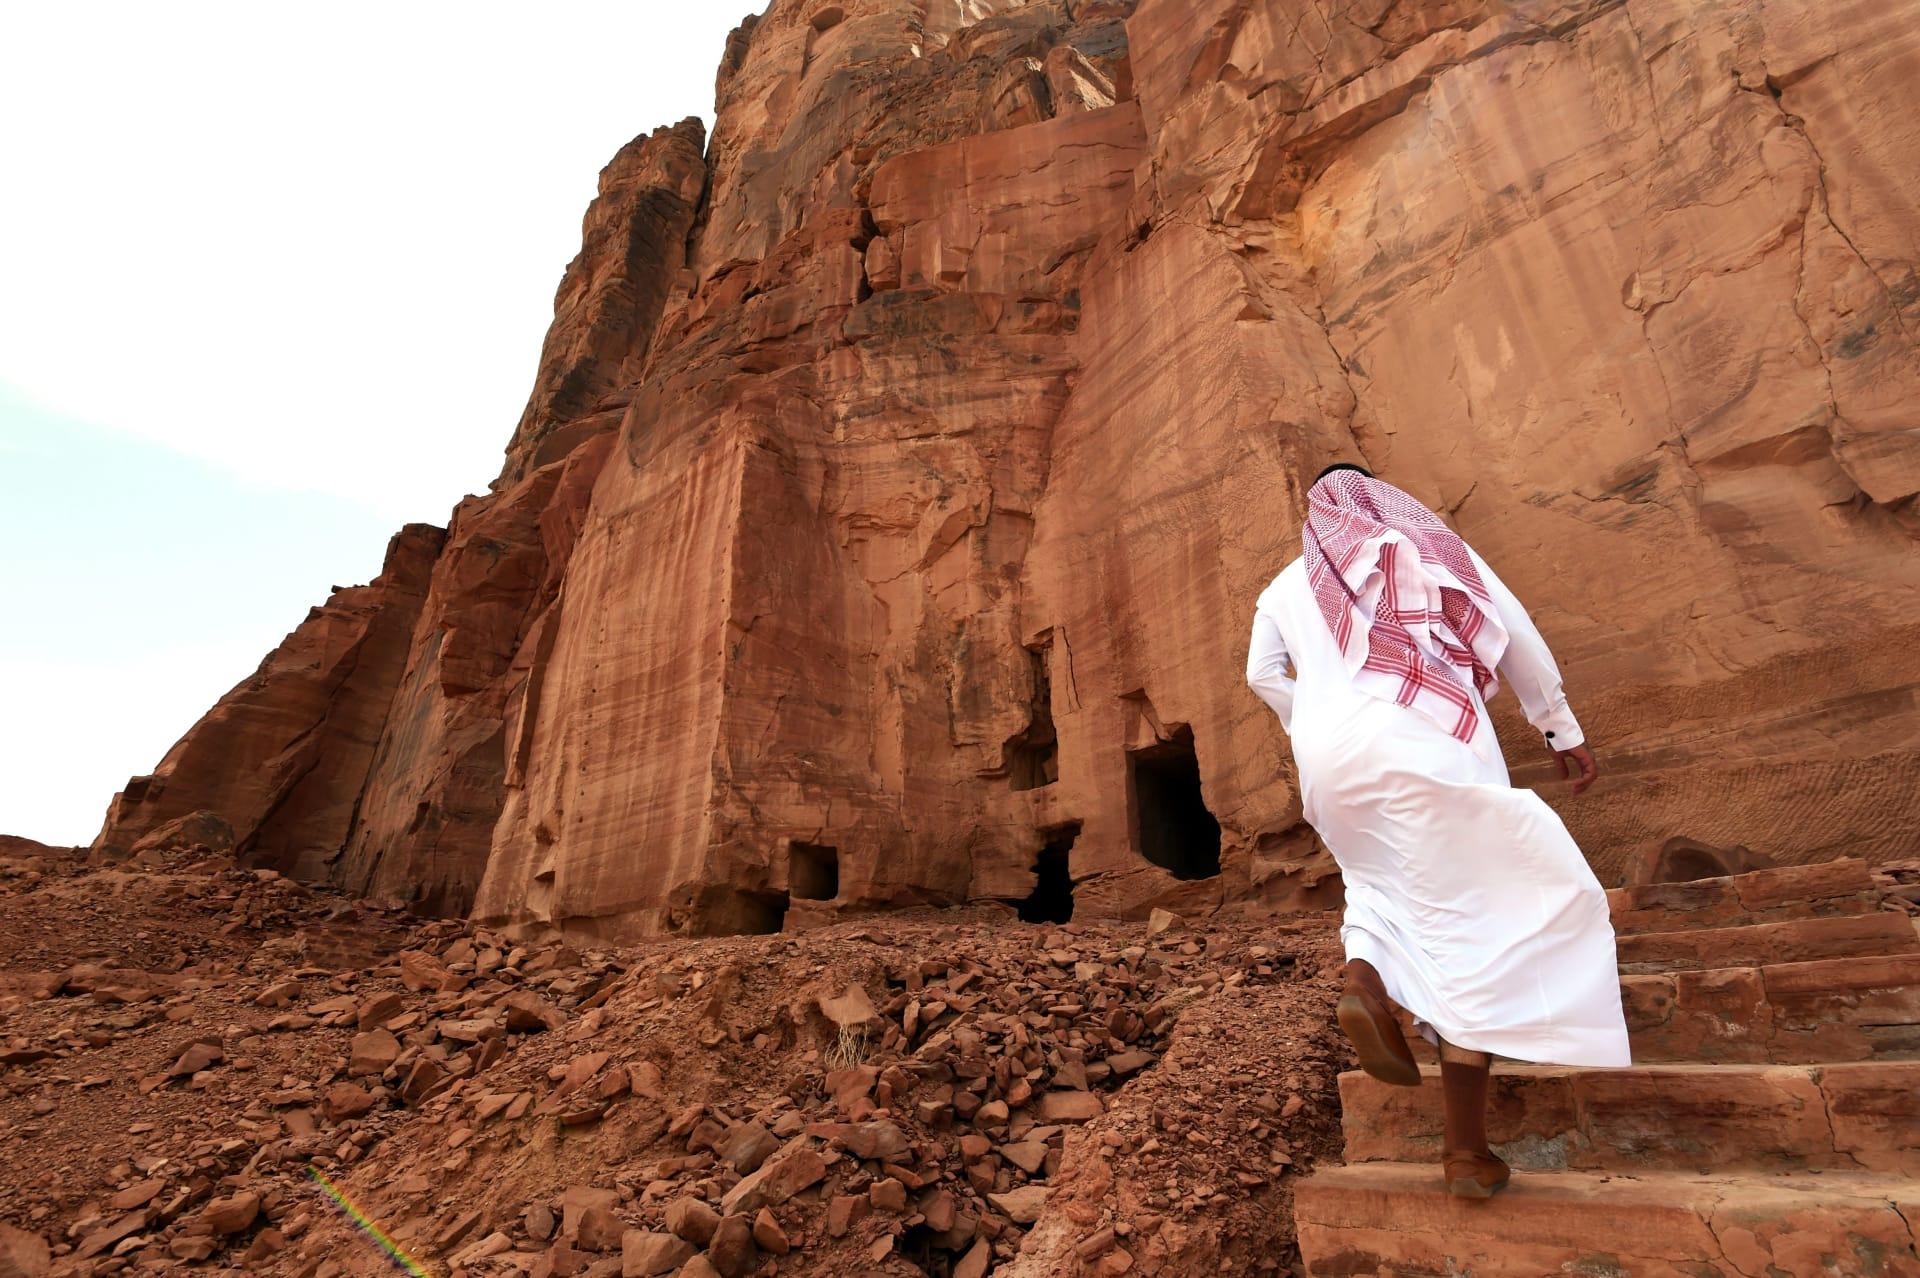 قطاع السياحة يضيف 56 مليار دولار للاقتصاد السعودي بنهاية 2018